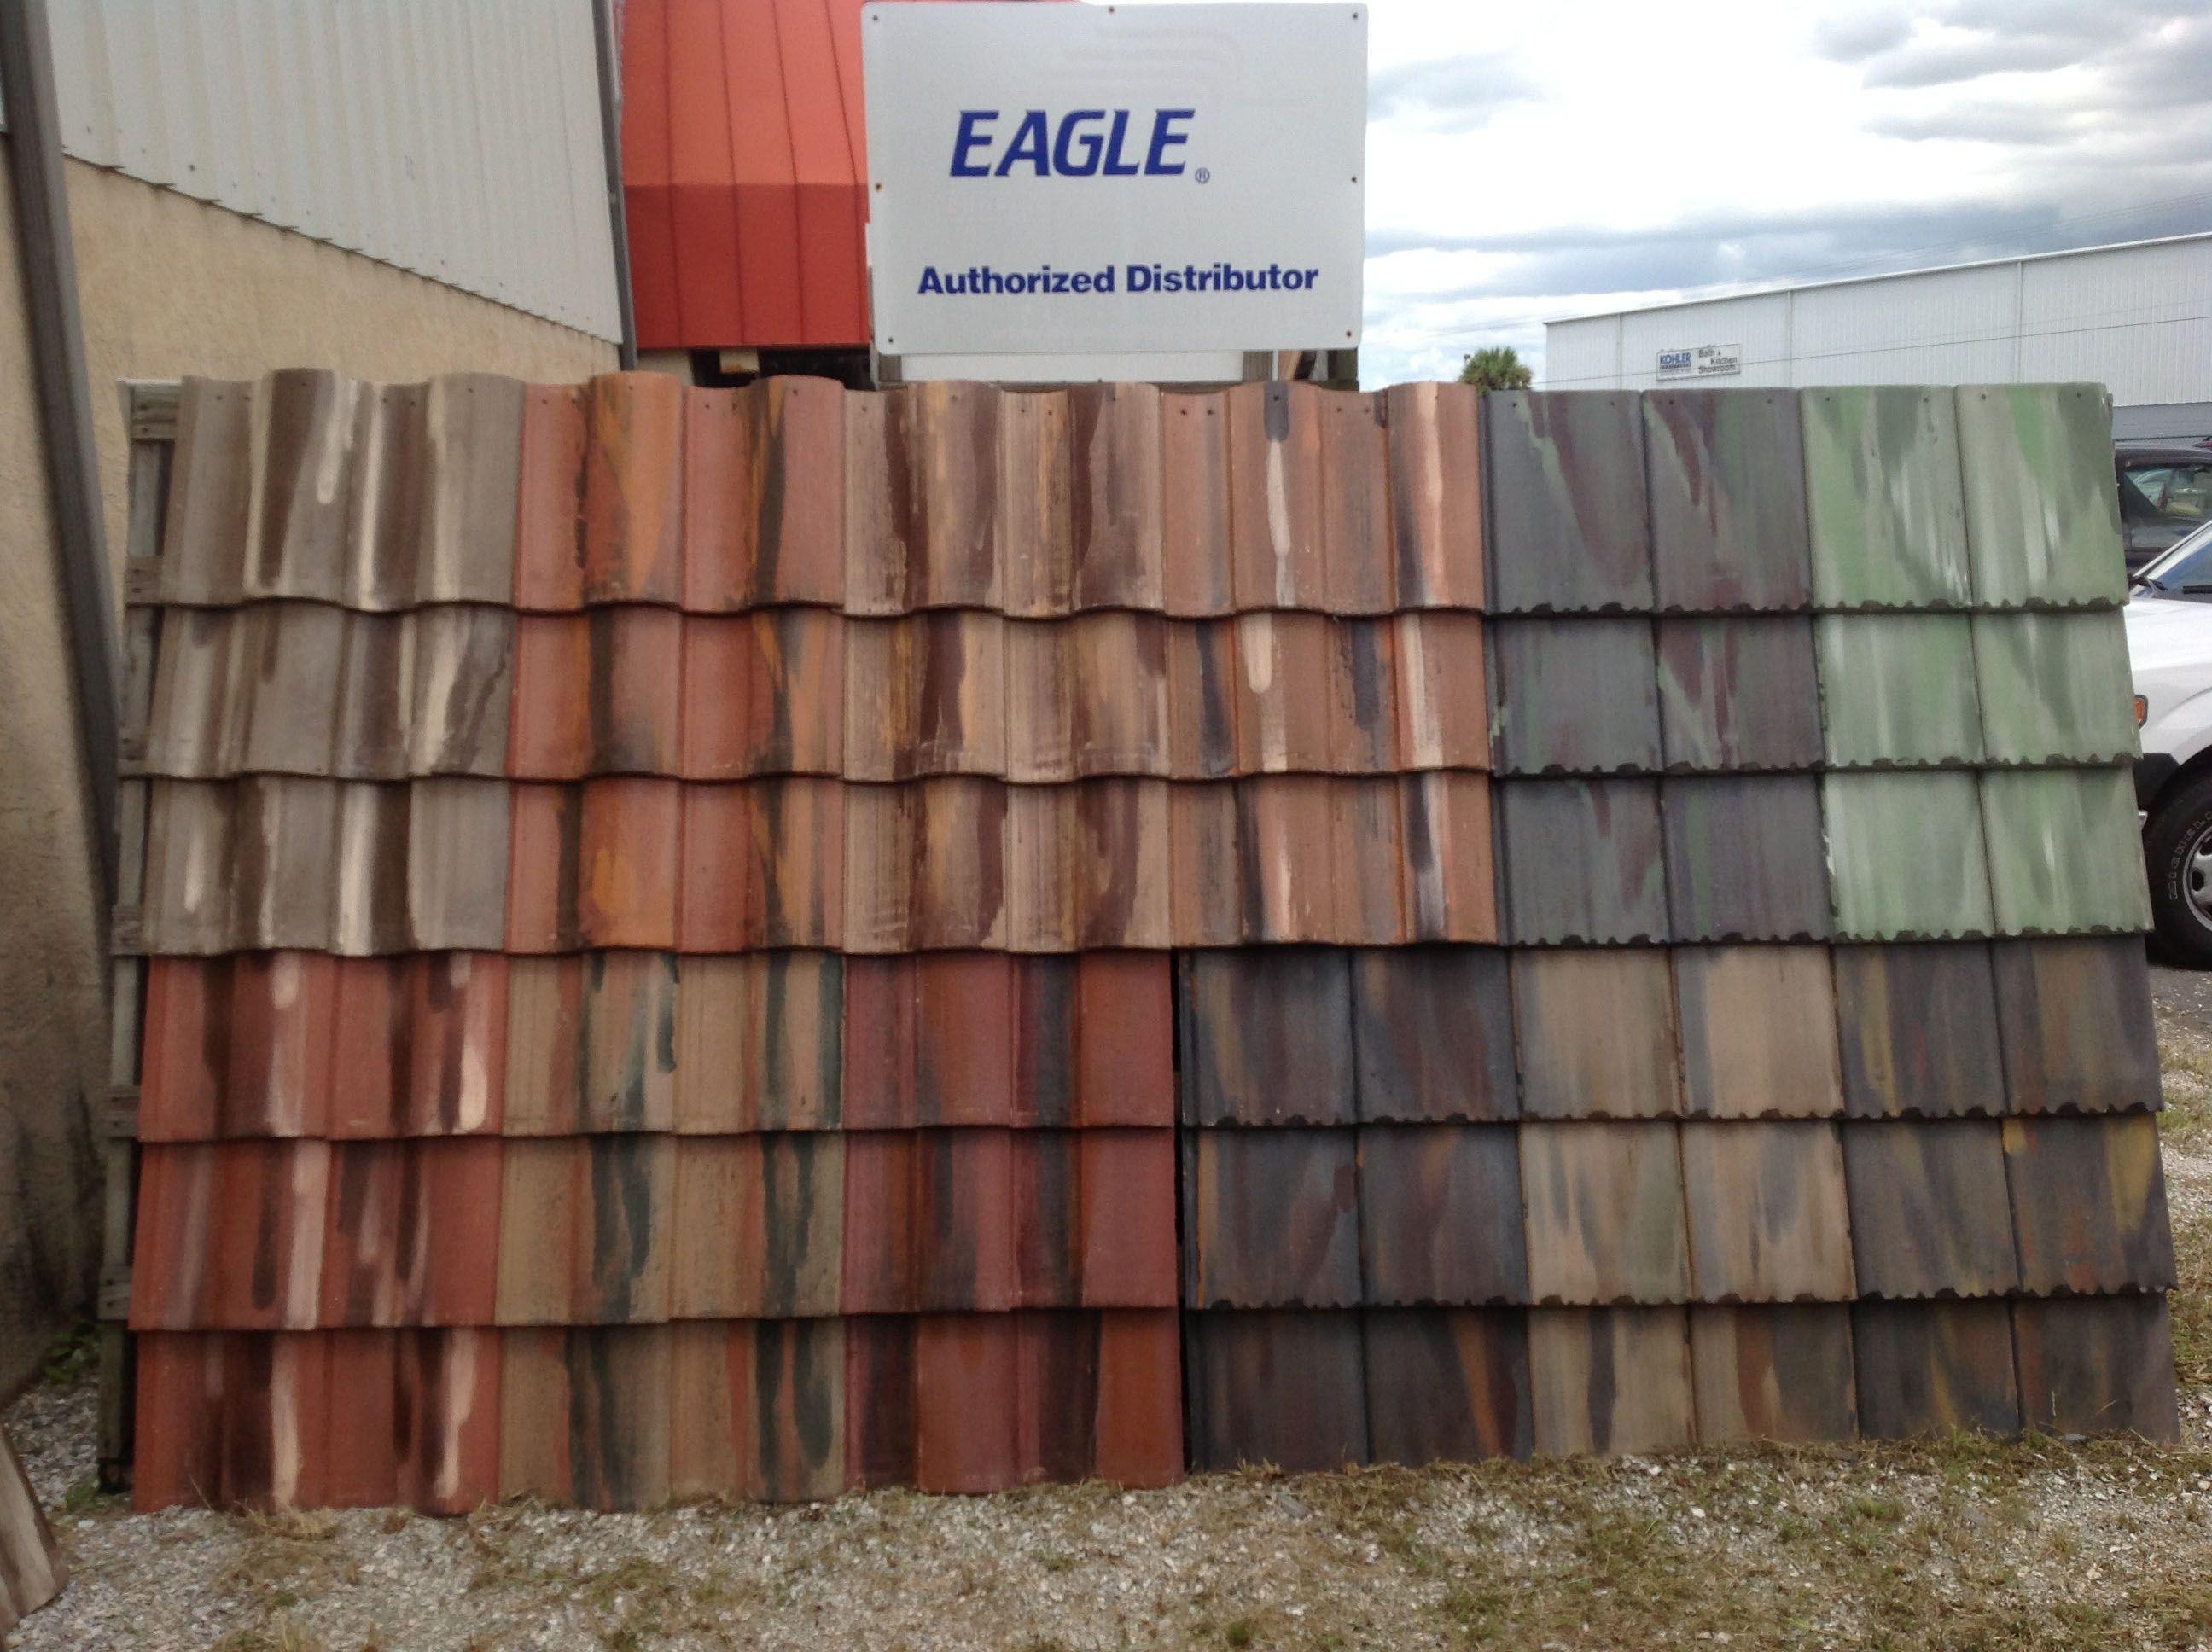 Eagle Roofing Products Designer Select Tile Color Tile Roofing Design